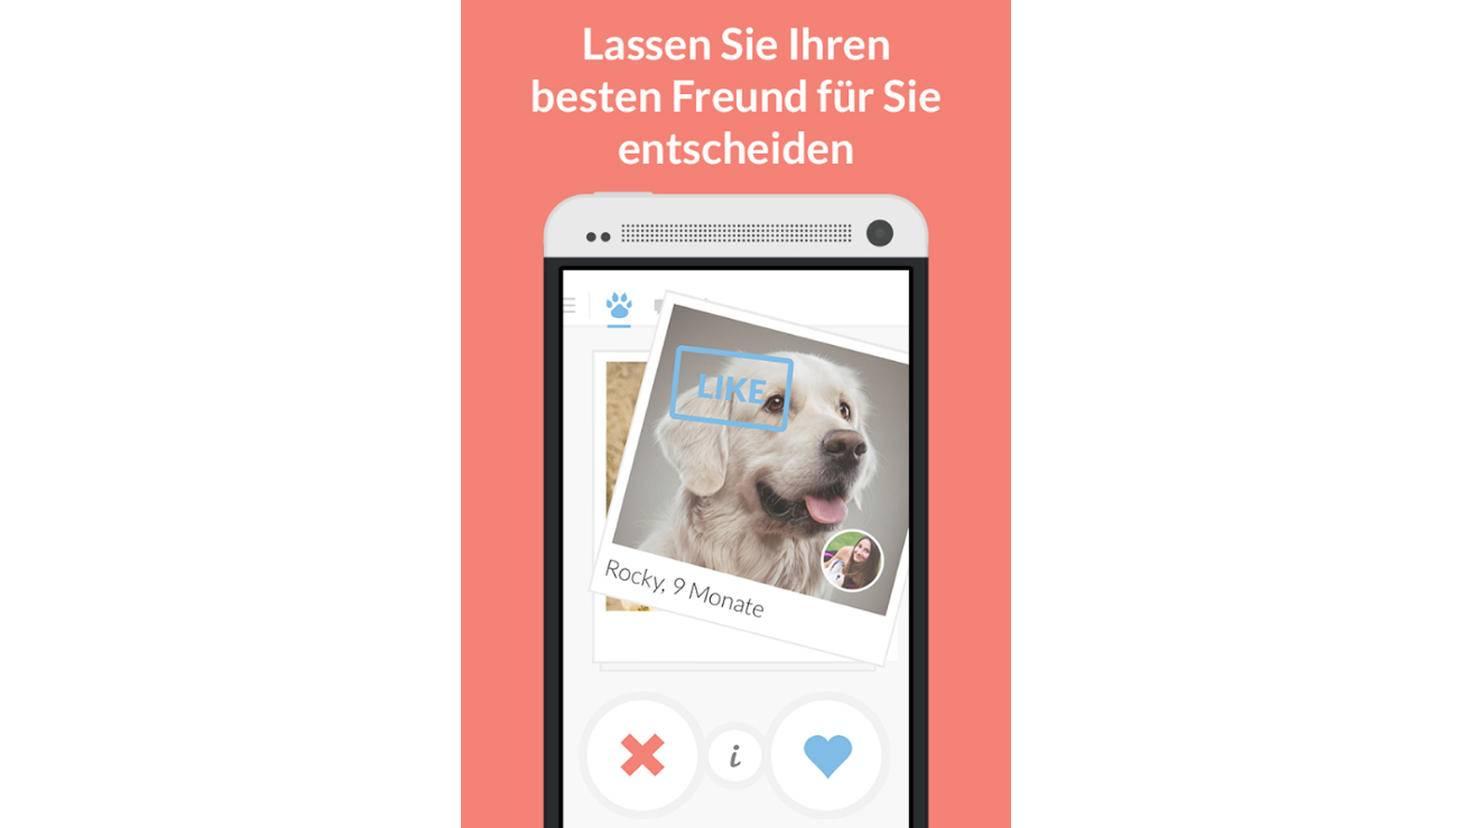 """Mit """"Twindogs"""" macht Dein Hund den ersten Schritt. Gefällt sein Bild den anderen Usern, kannst Du mit ihnen ins Gespräch kommen."""